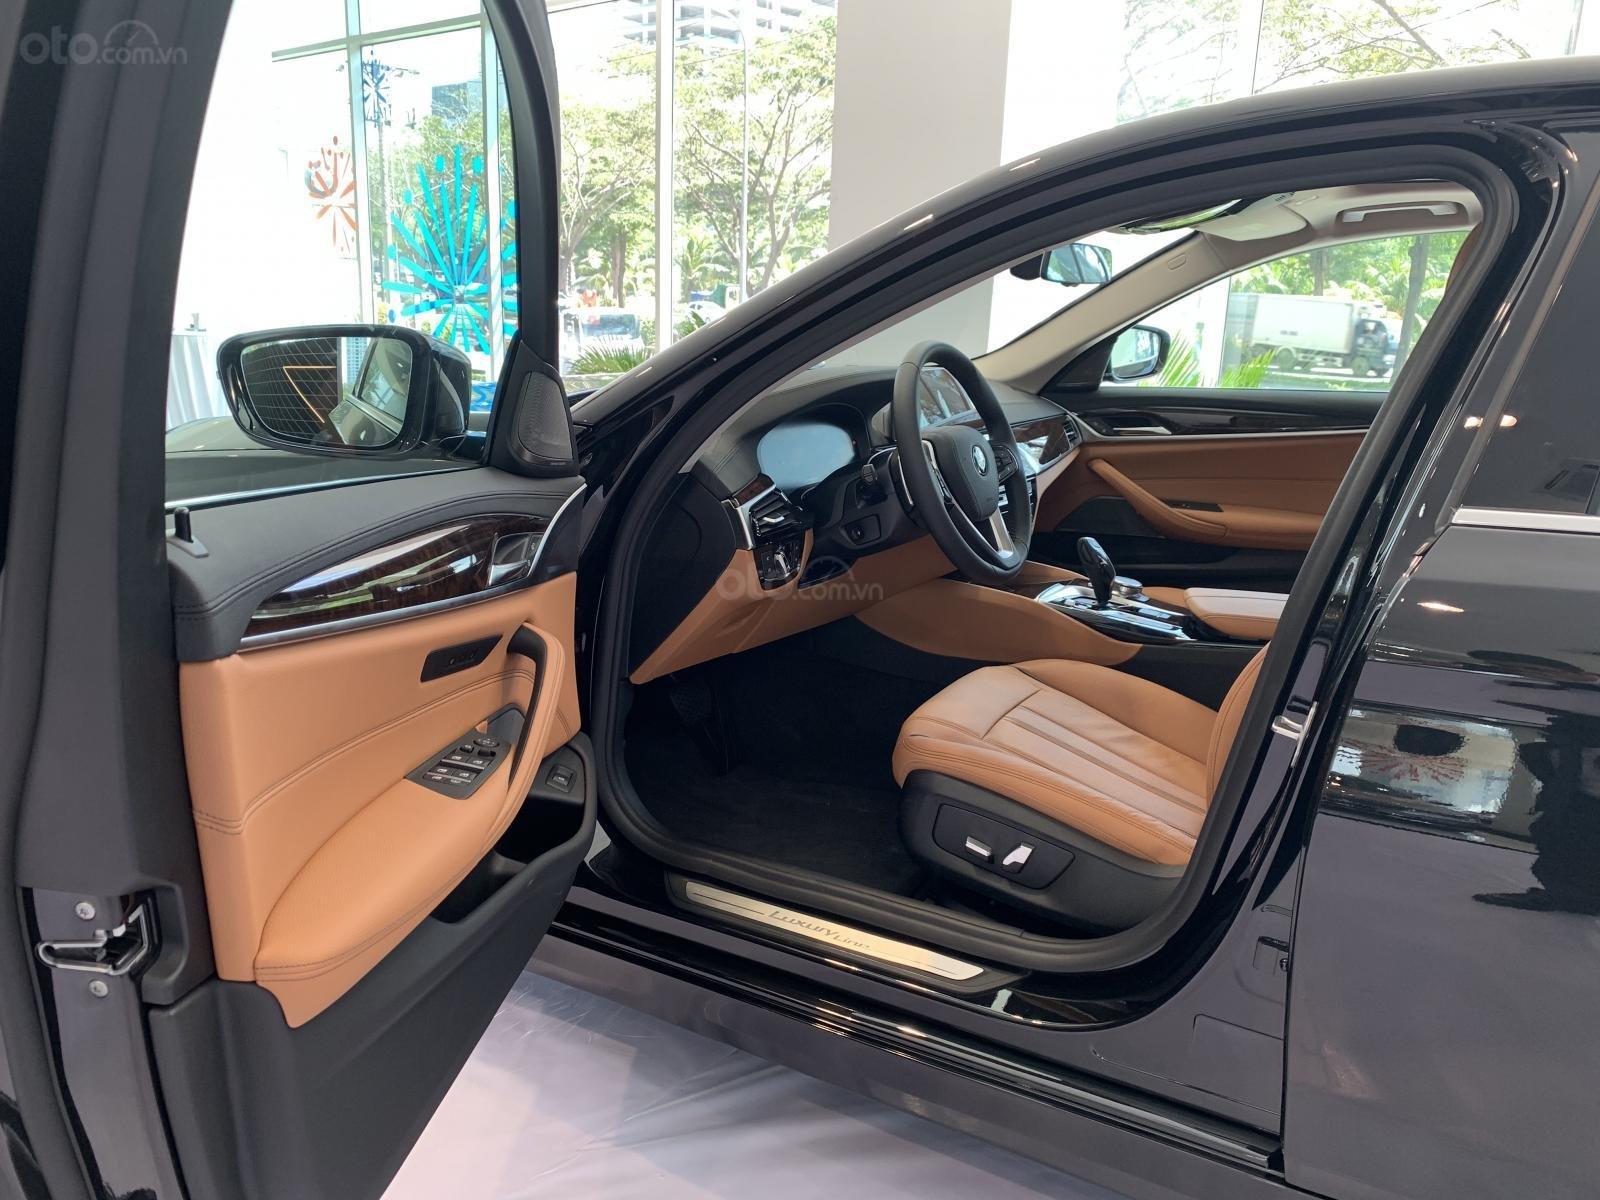 Bán BMW 530i 2019 - Tinh hoa công nghệ ô tô - Liên hệ 0938308393-9